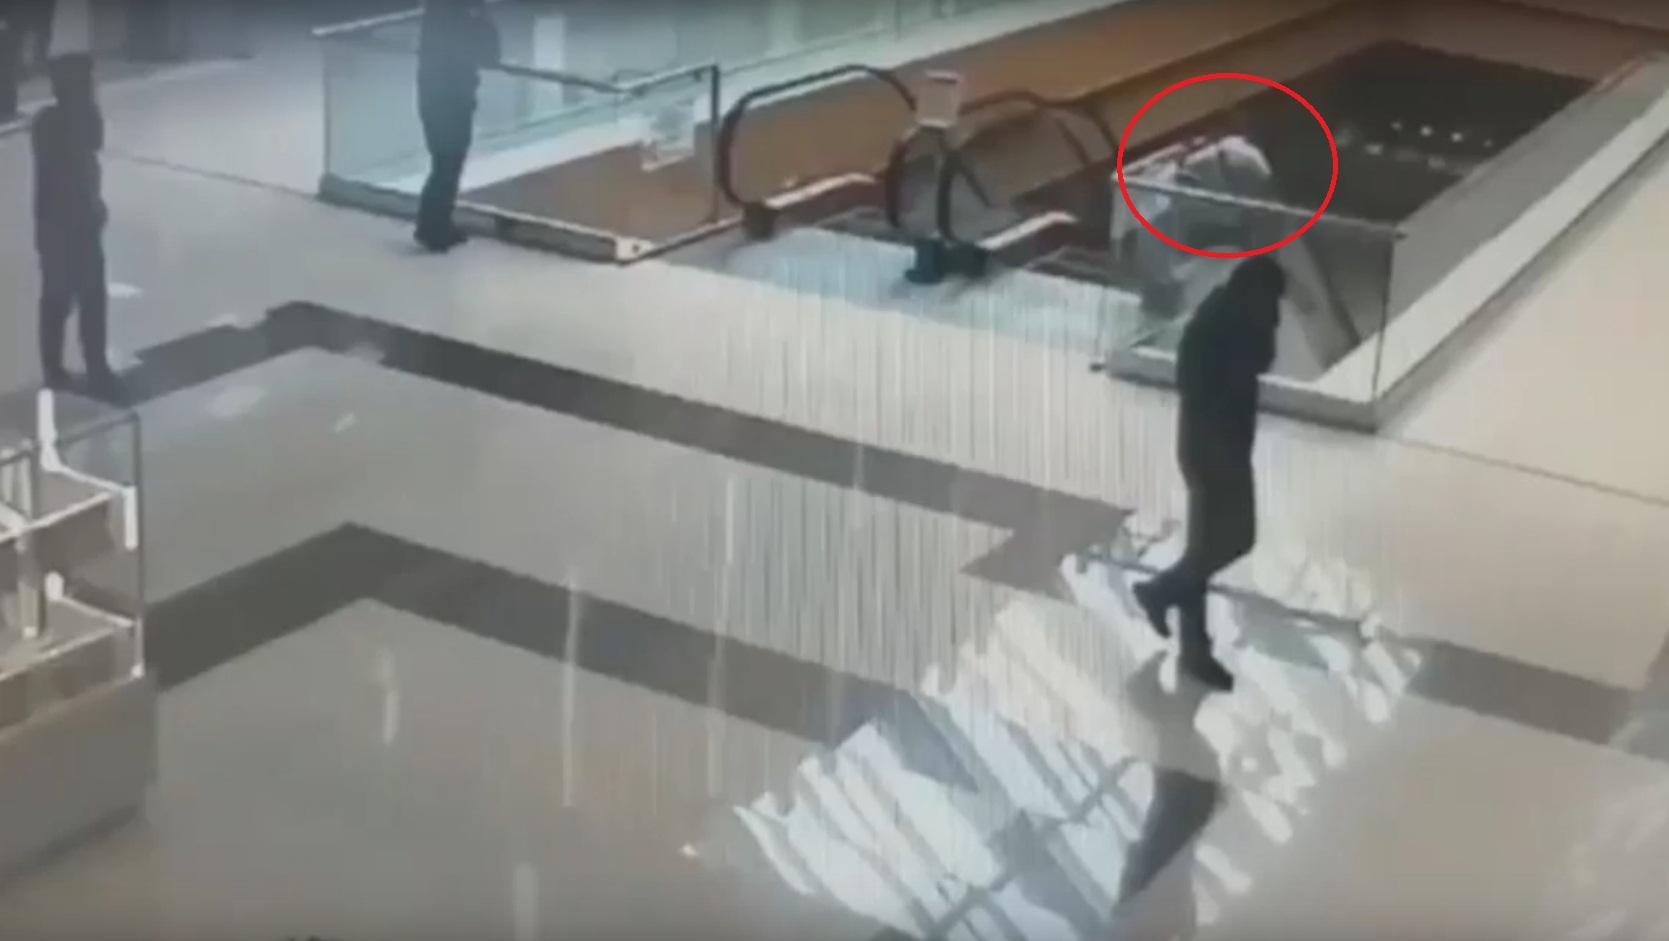 Отец Колозяна заявляет, что виновник конфликта ушел из торгового центра незадолго до стрельбы